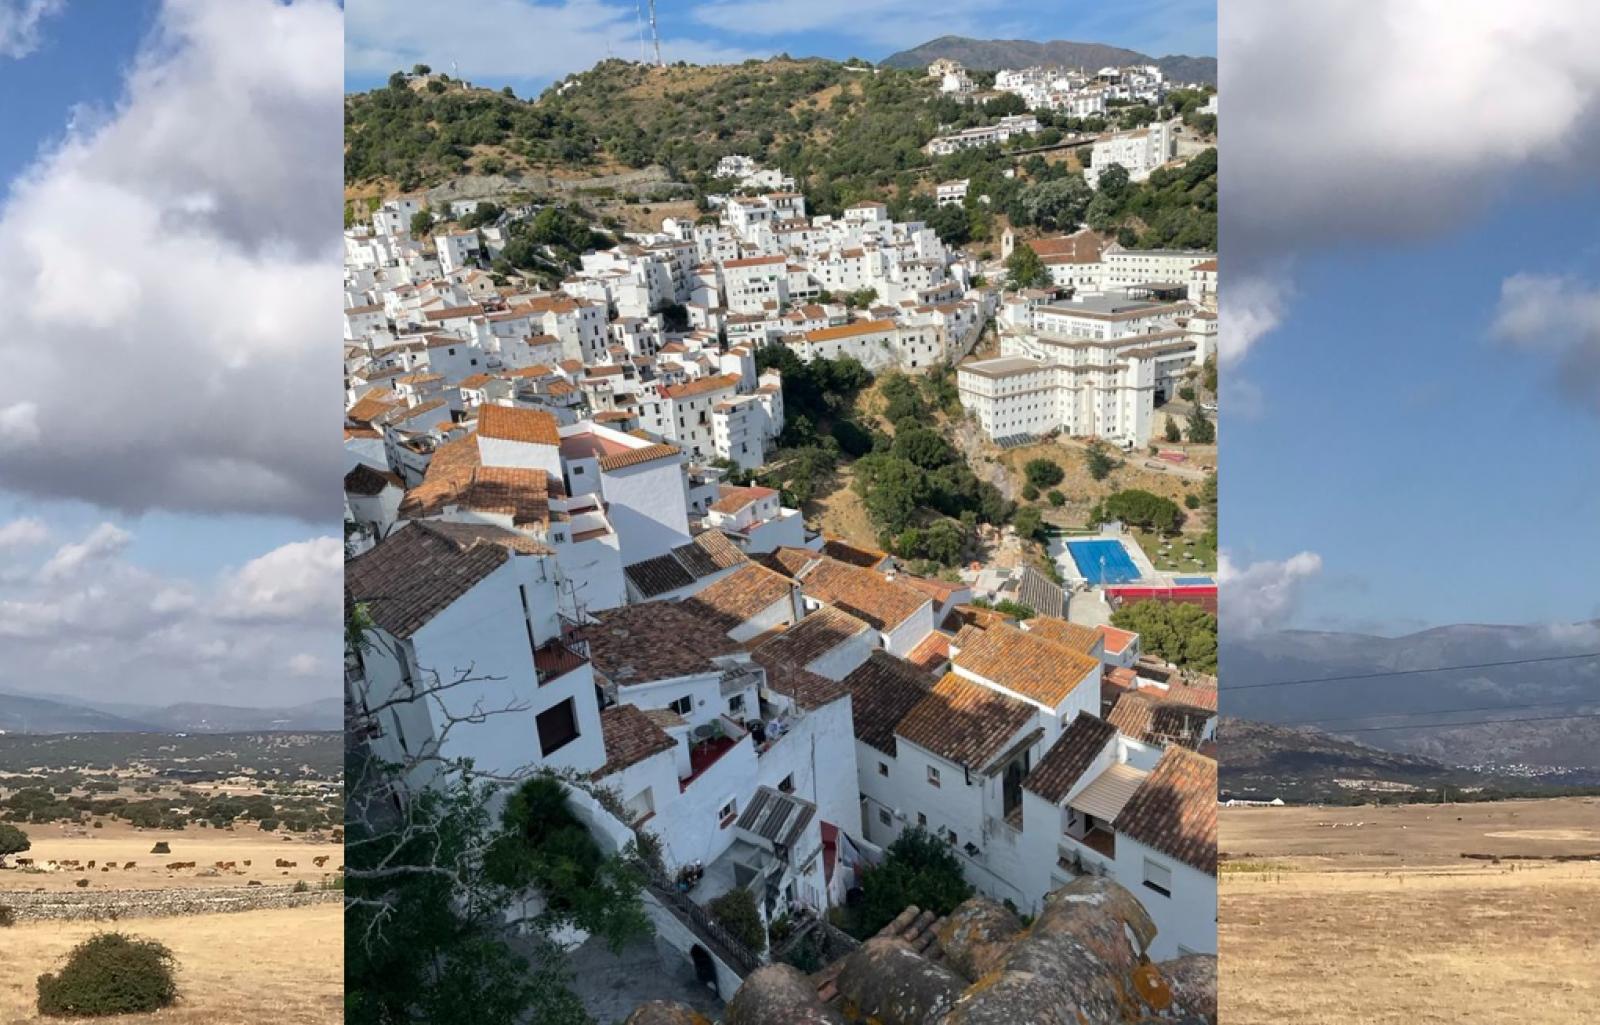 Spain heat in summer